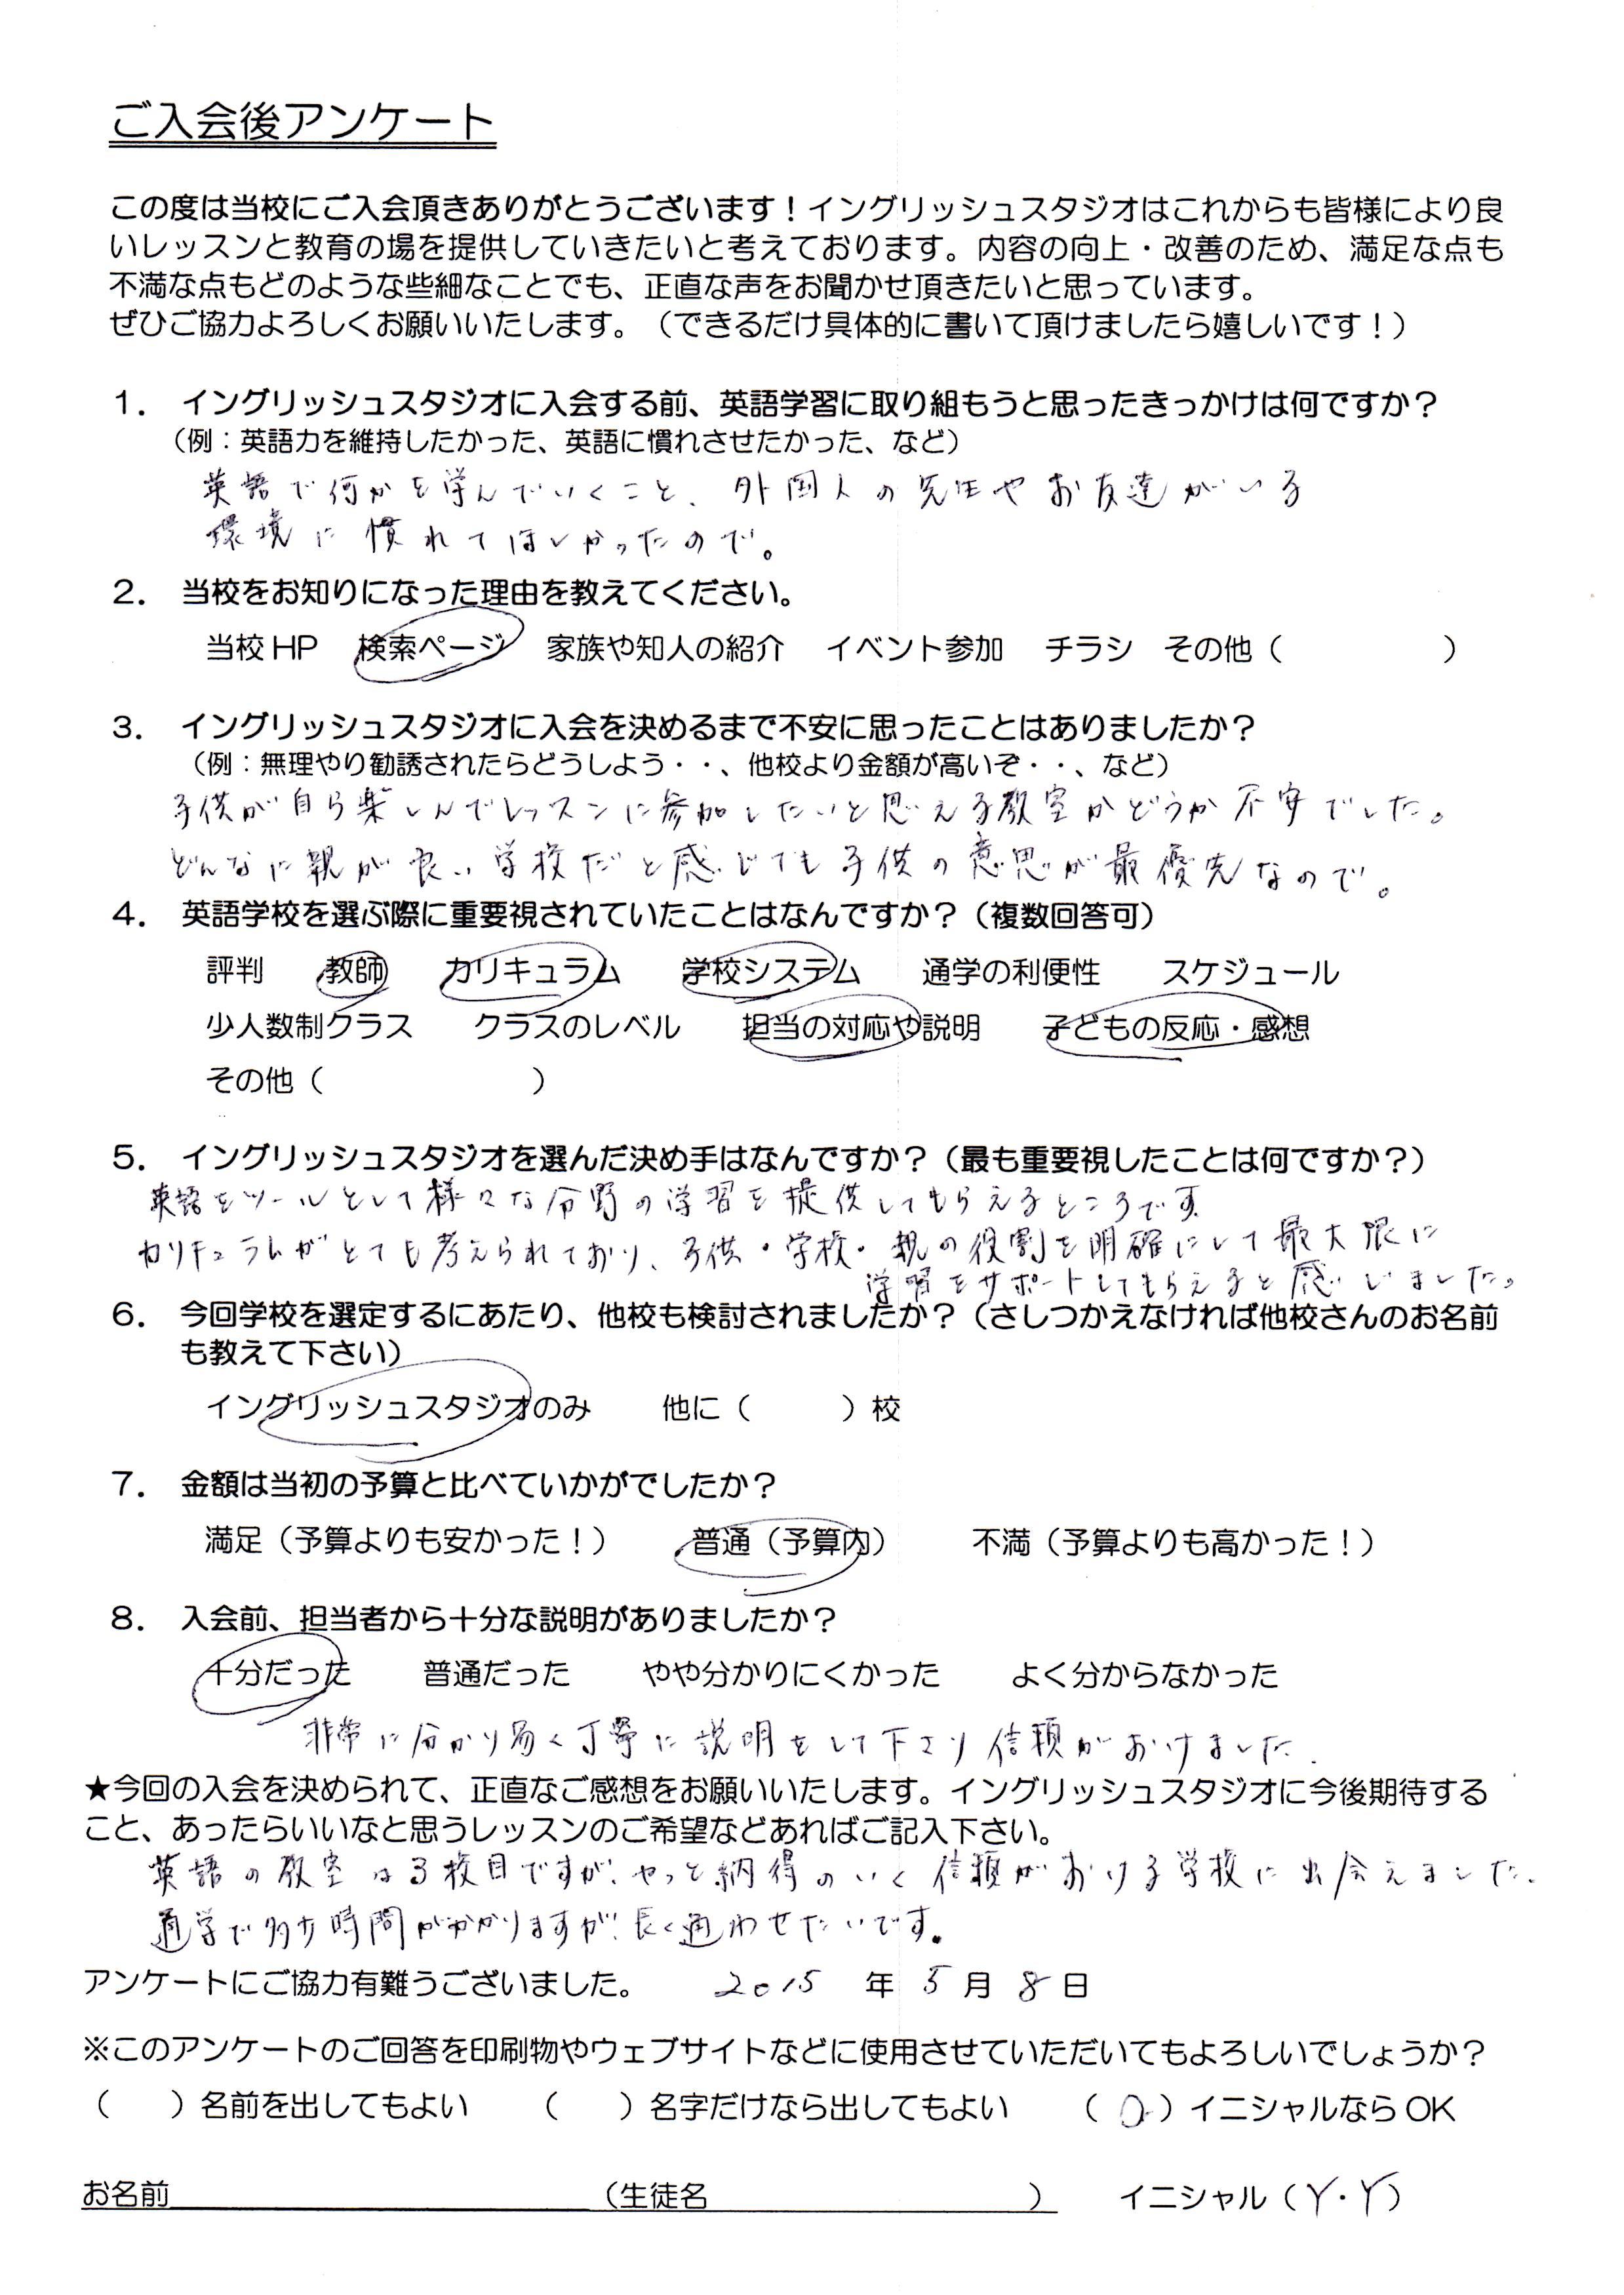 アンケート 小学生 201504